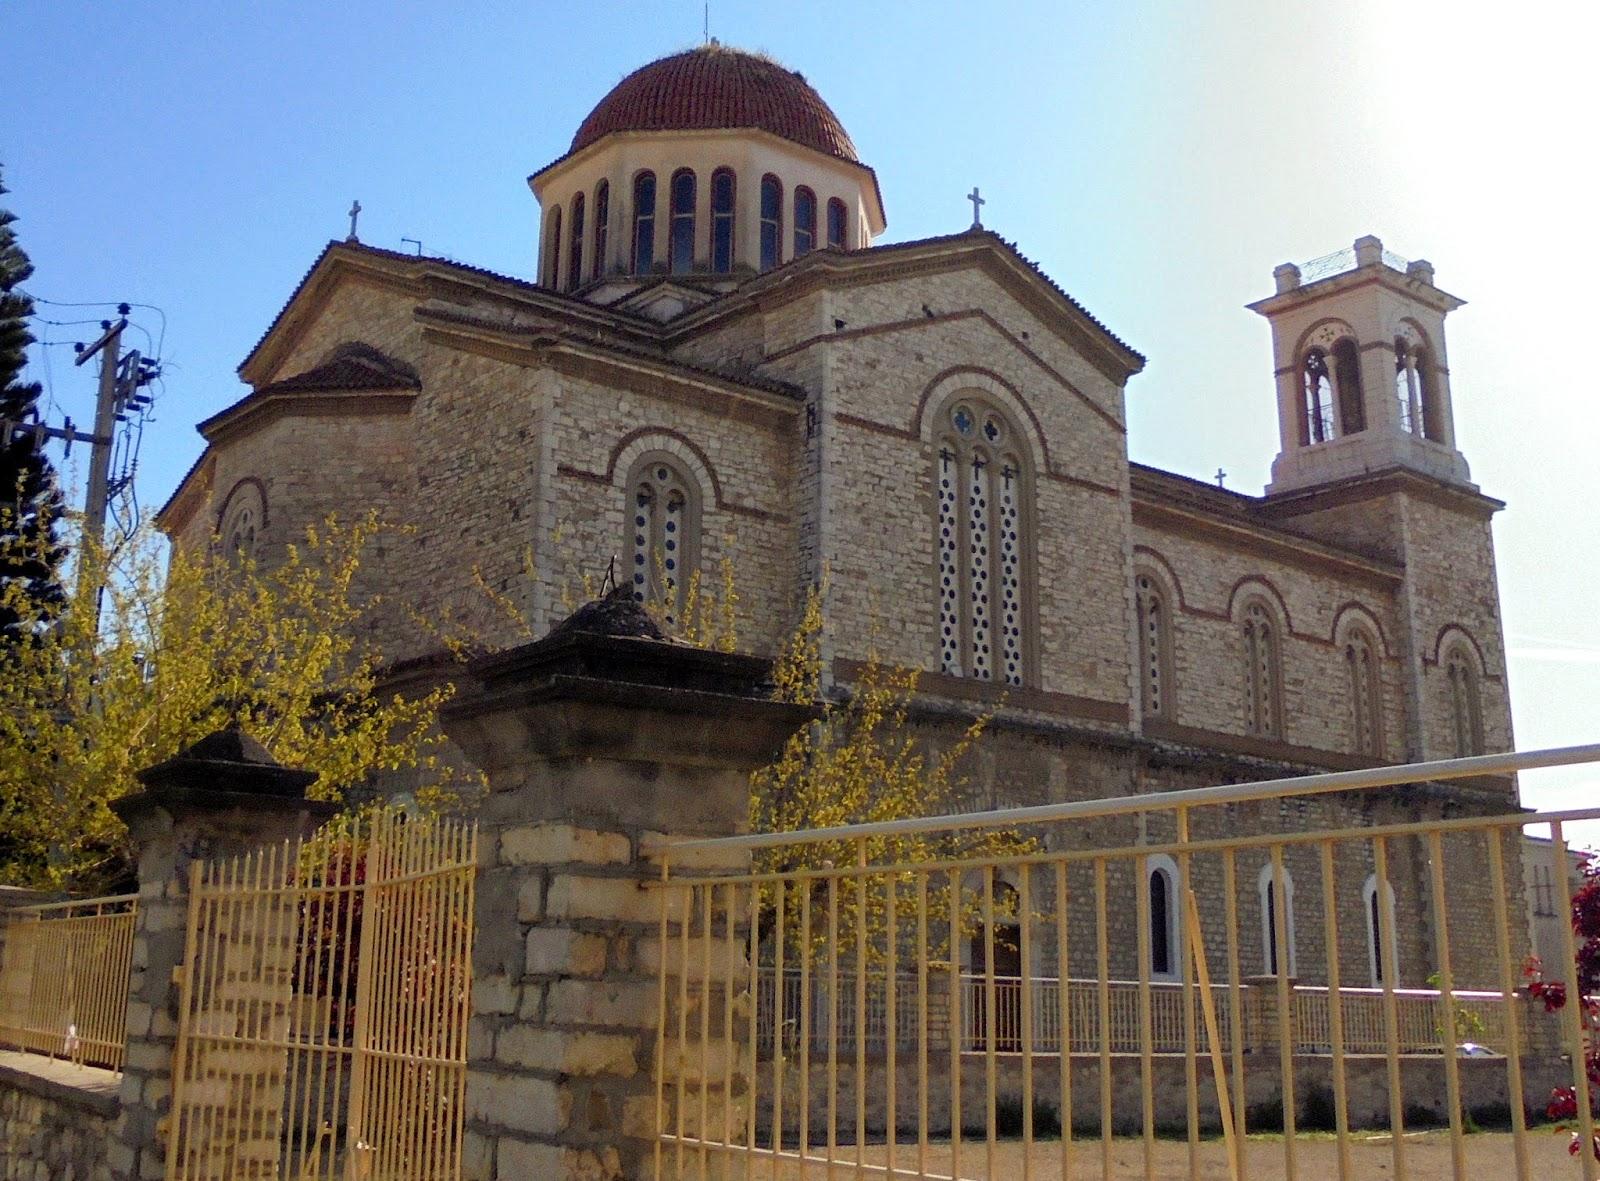 ο ναός του αγίου Παντελεήμονα στο Μεσολόγγι